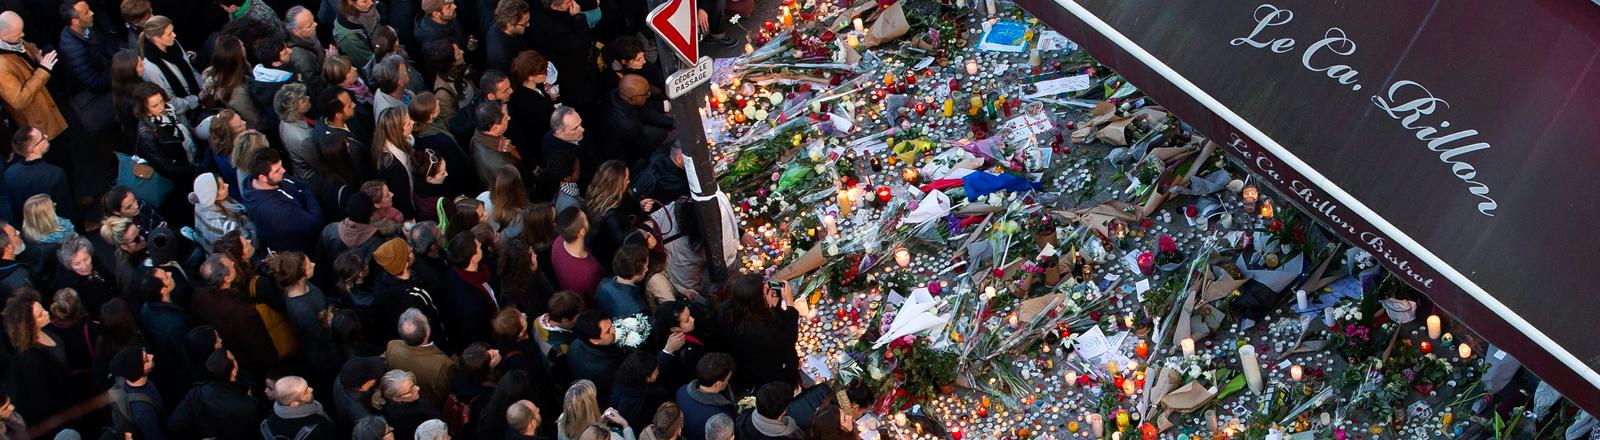 Viele Menschen trauern vor dem Restaurant Carillon in Paris.